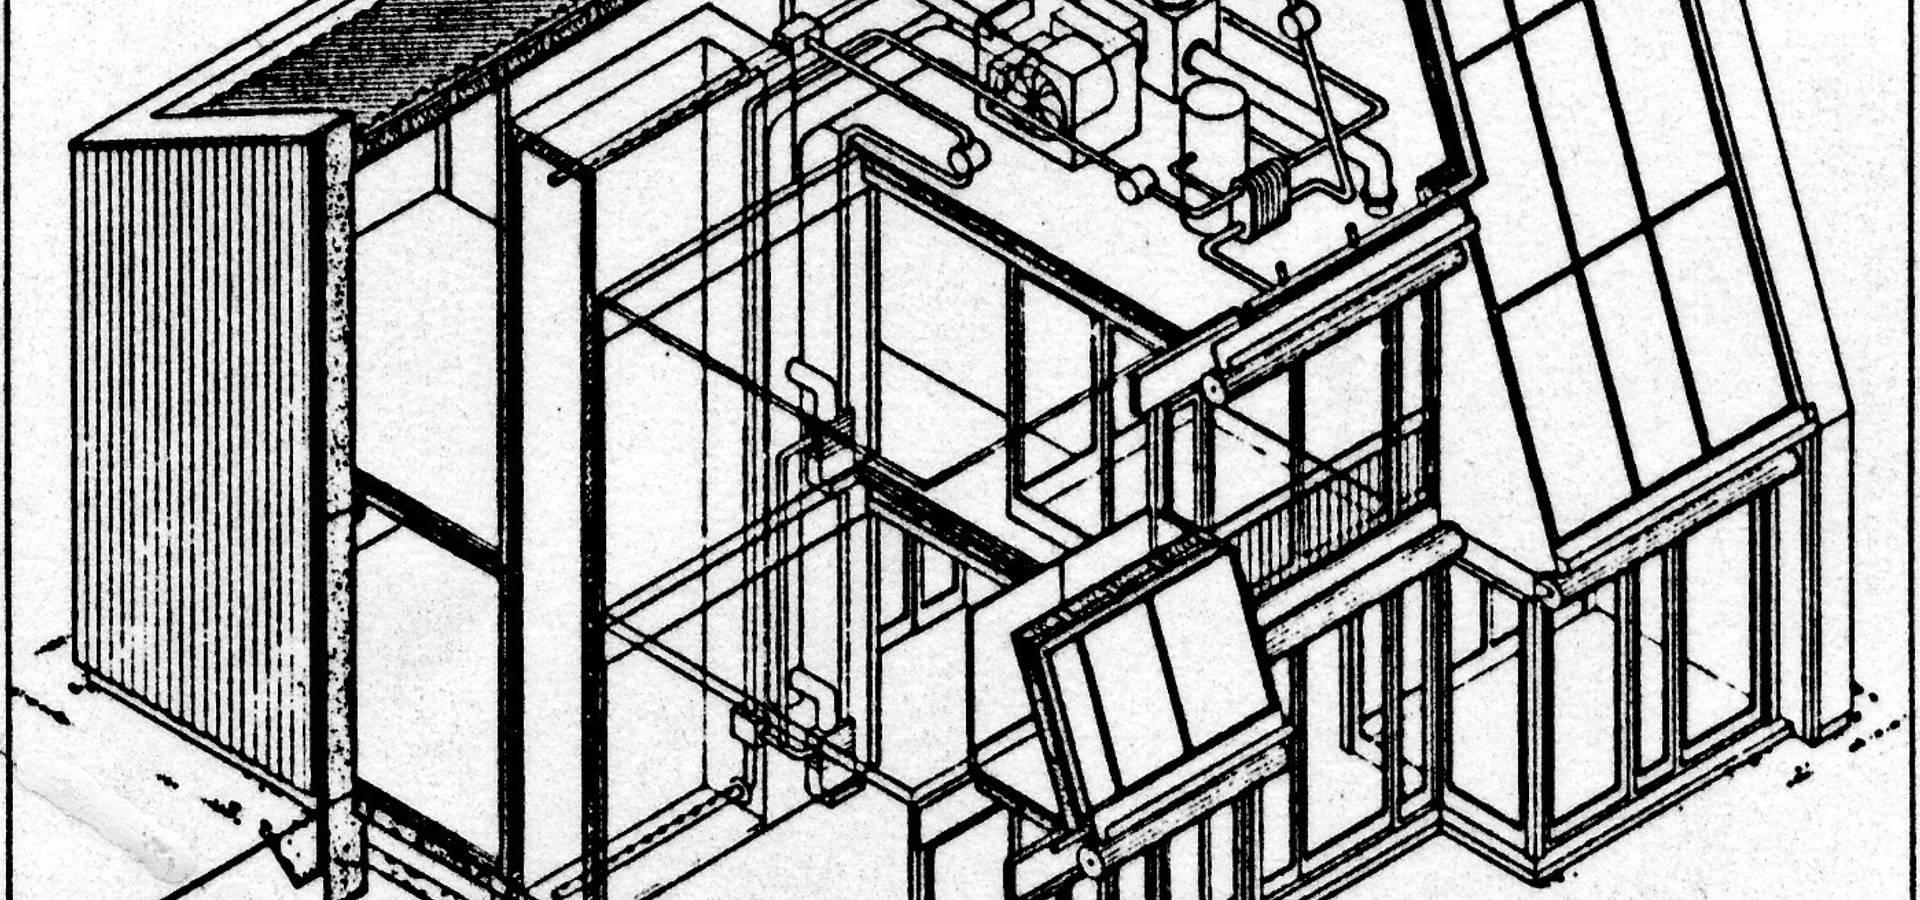 Architekturbüro Dipl.-Ing-Arch. Richard J. Dietrich